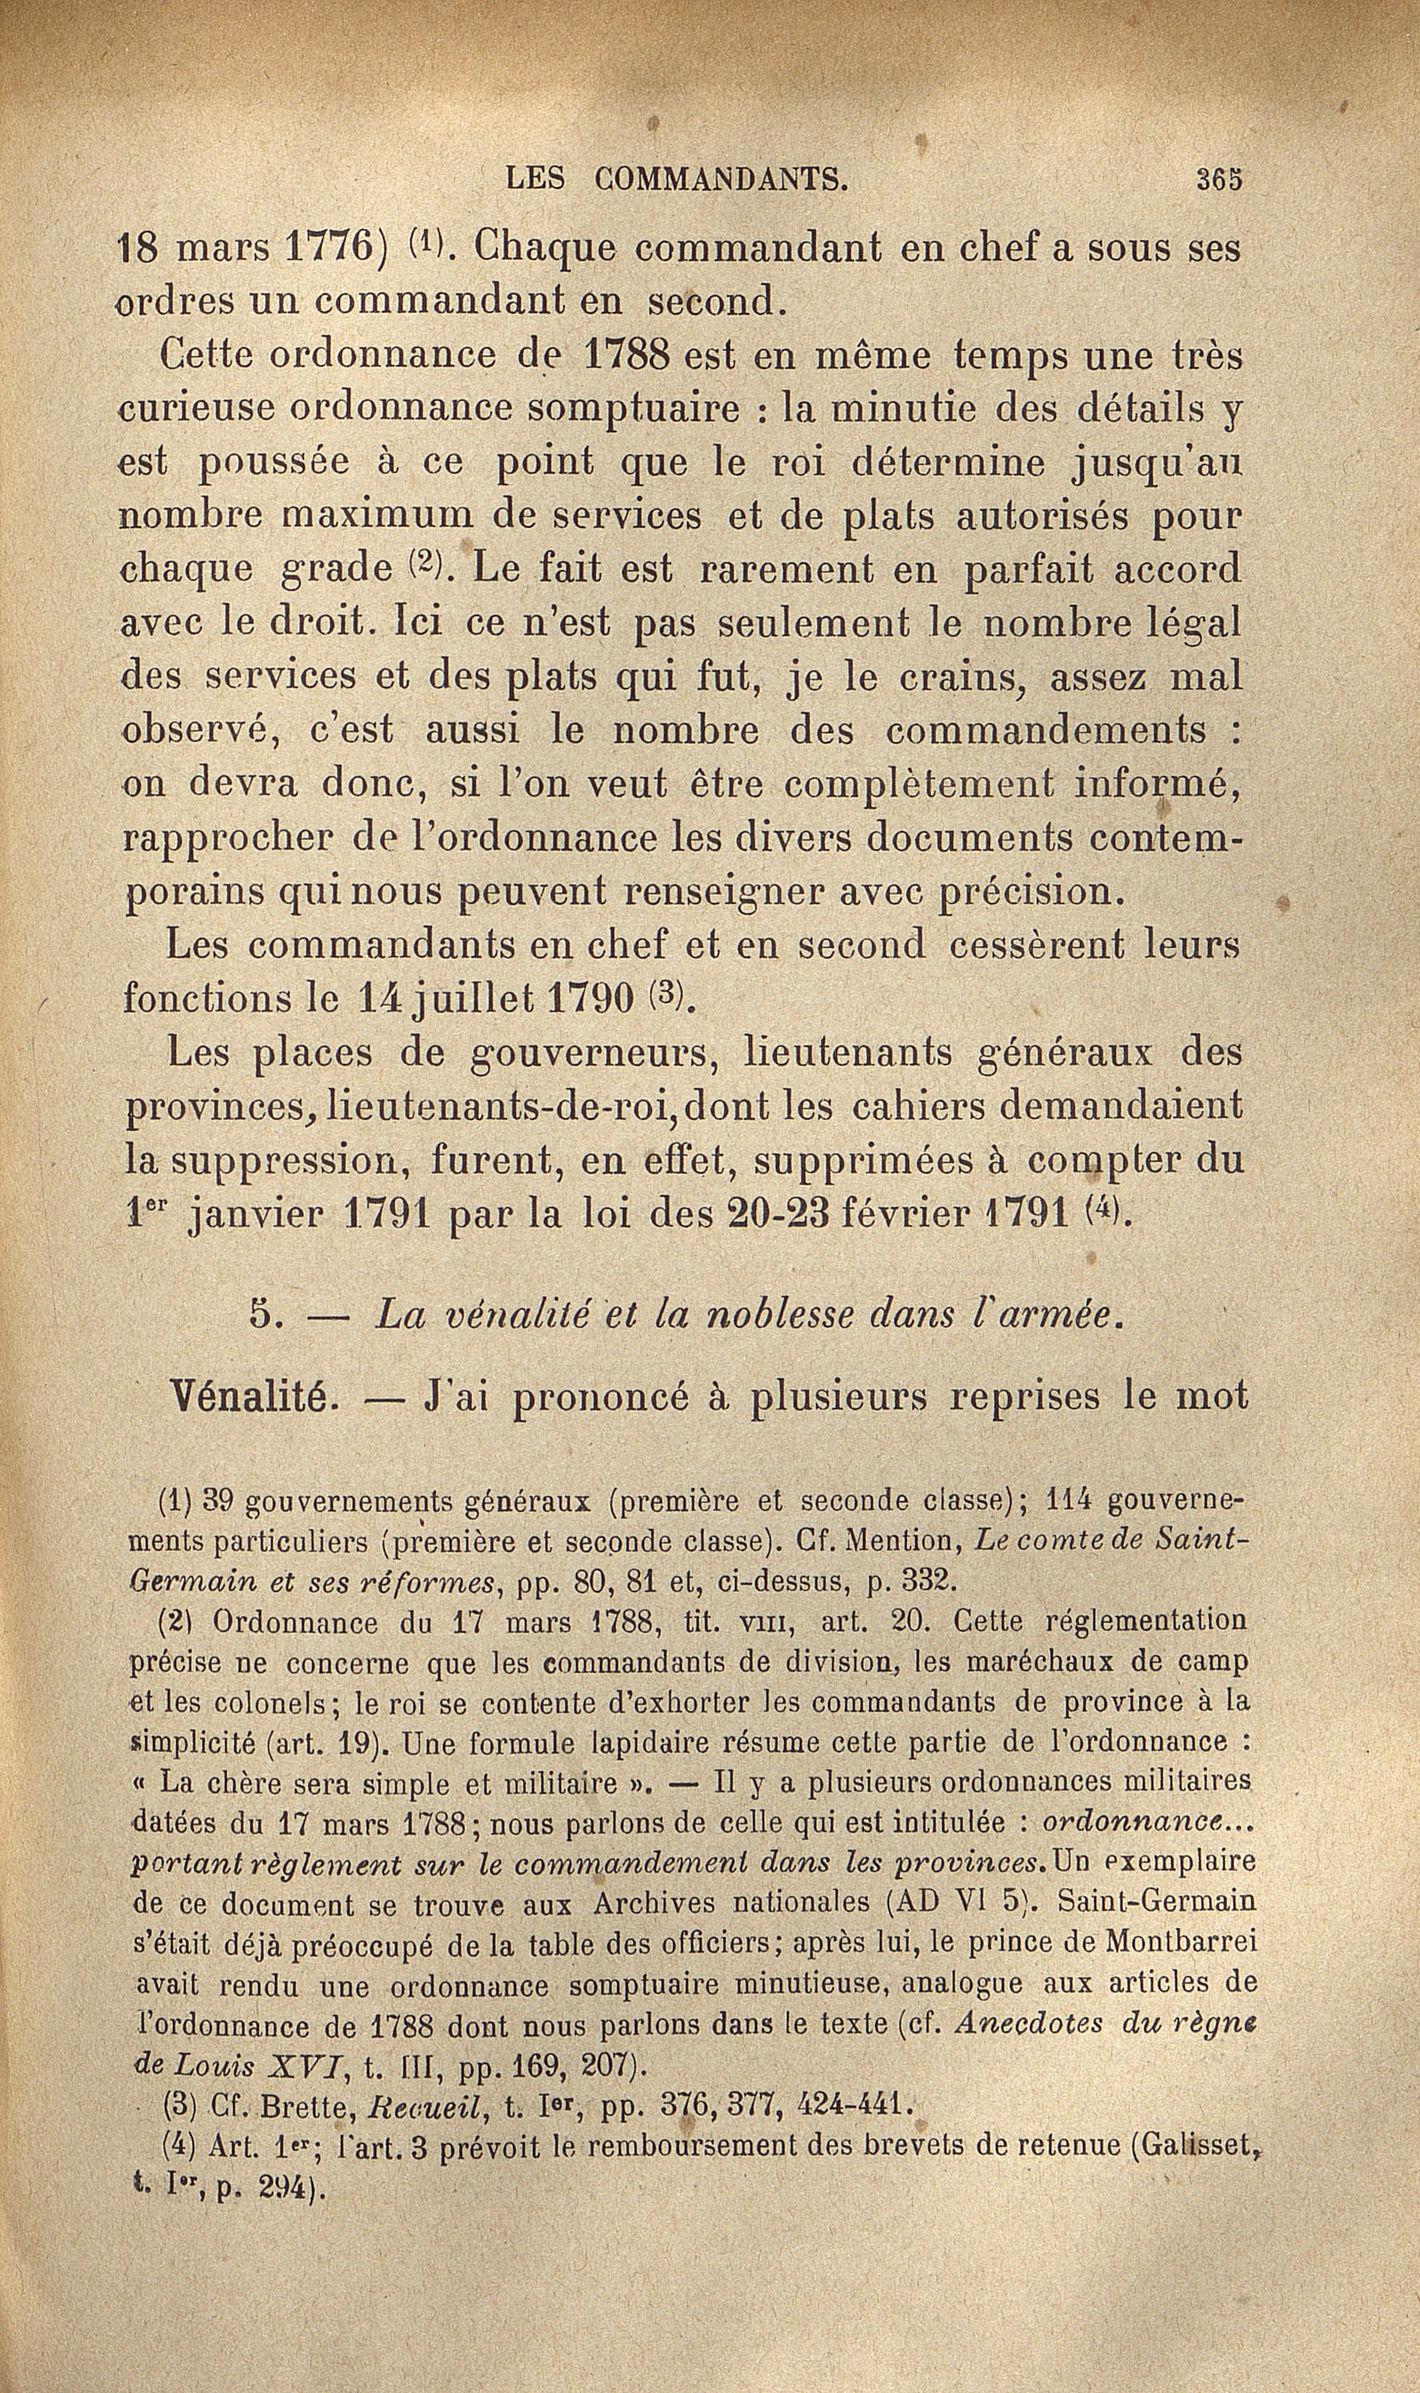 http://expo-paulviollet.univ-paris1.fr/wp-content/uploads/2016/02/0605381272_0379.jpg